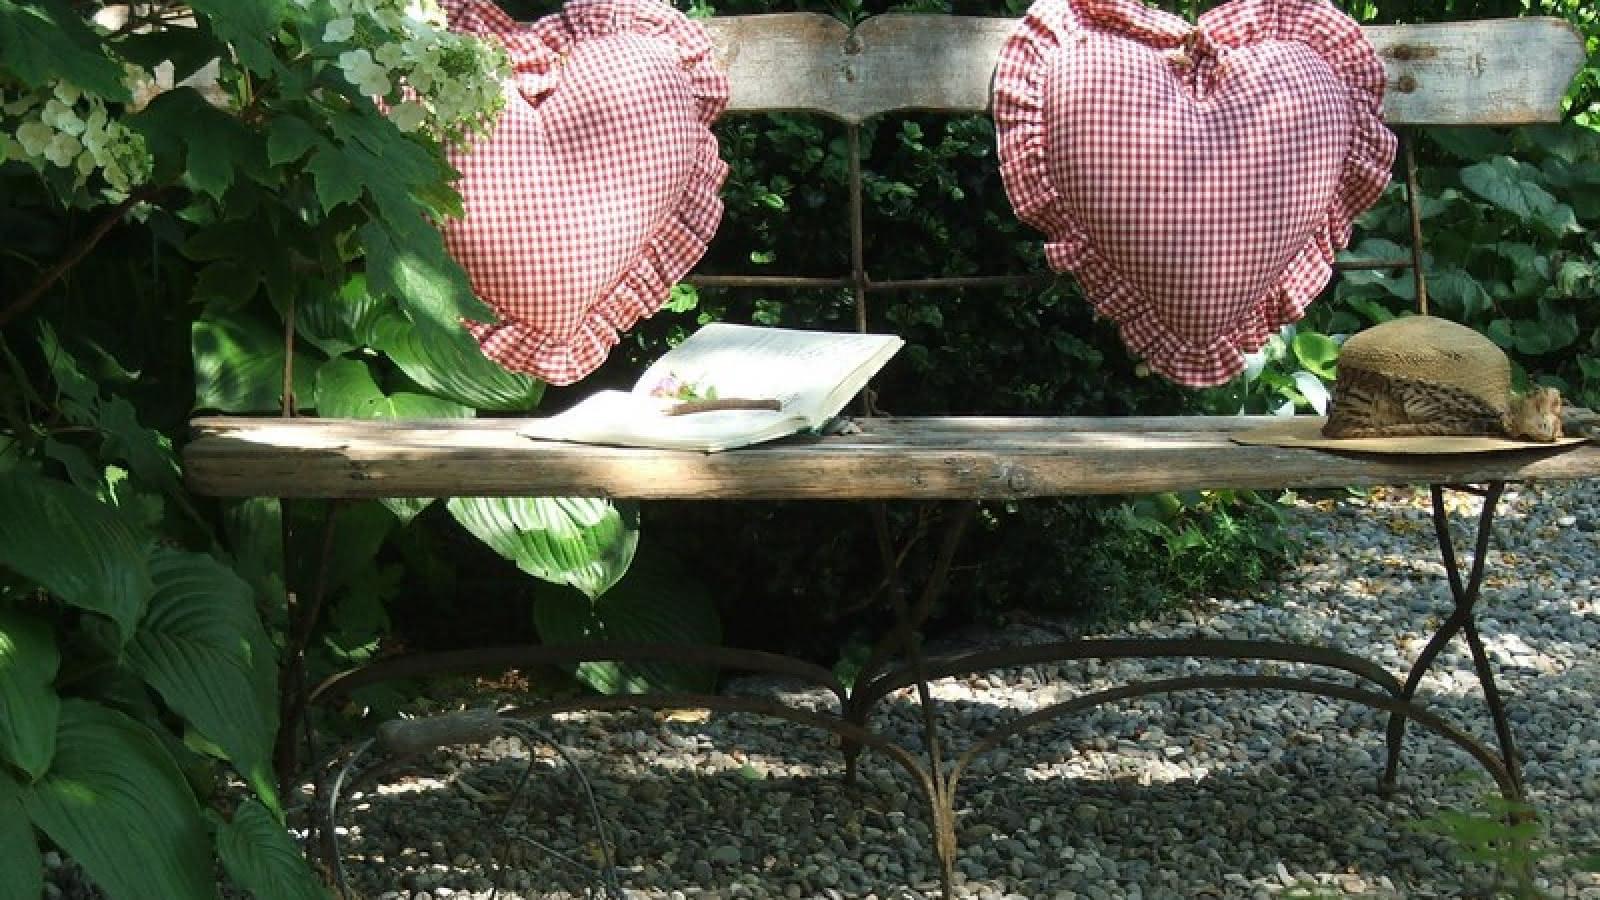 Chambre D'hôtes CharmeVisit Chambres – Ambiance Jardin Alsace De Nn8wOPkZ0X